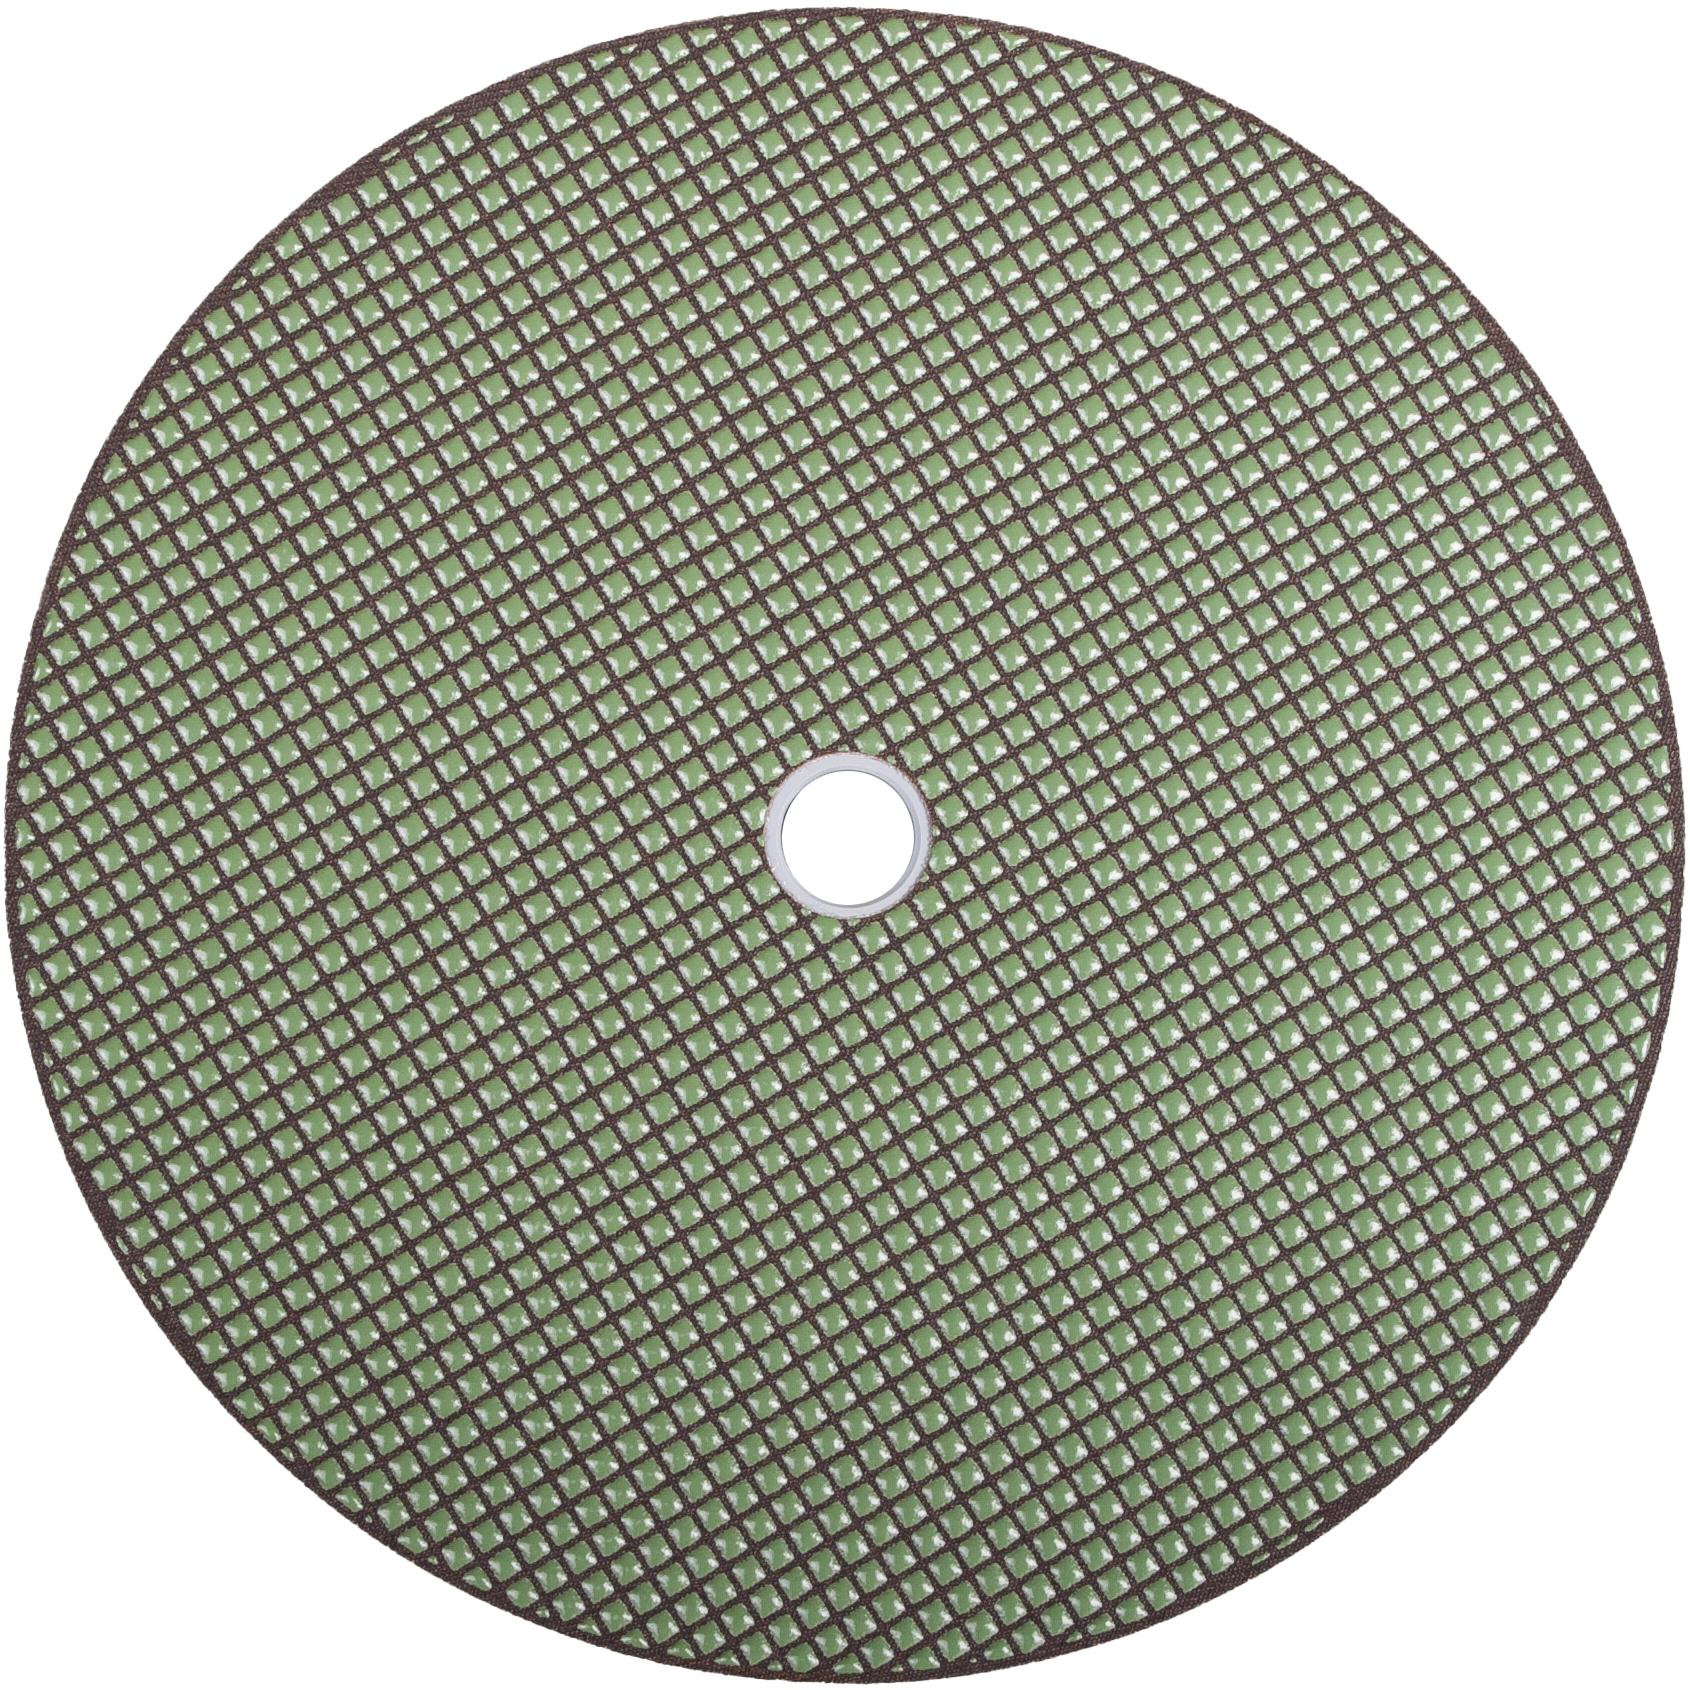 Diamantschleifteller OCTRON ø 250 mm │ Klett │ Korn 200